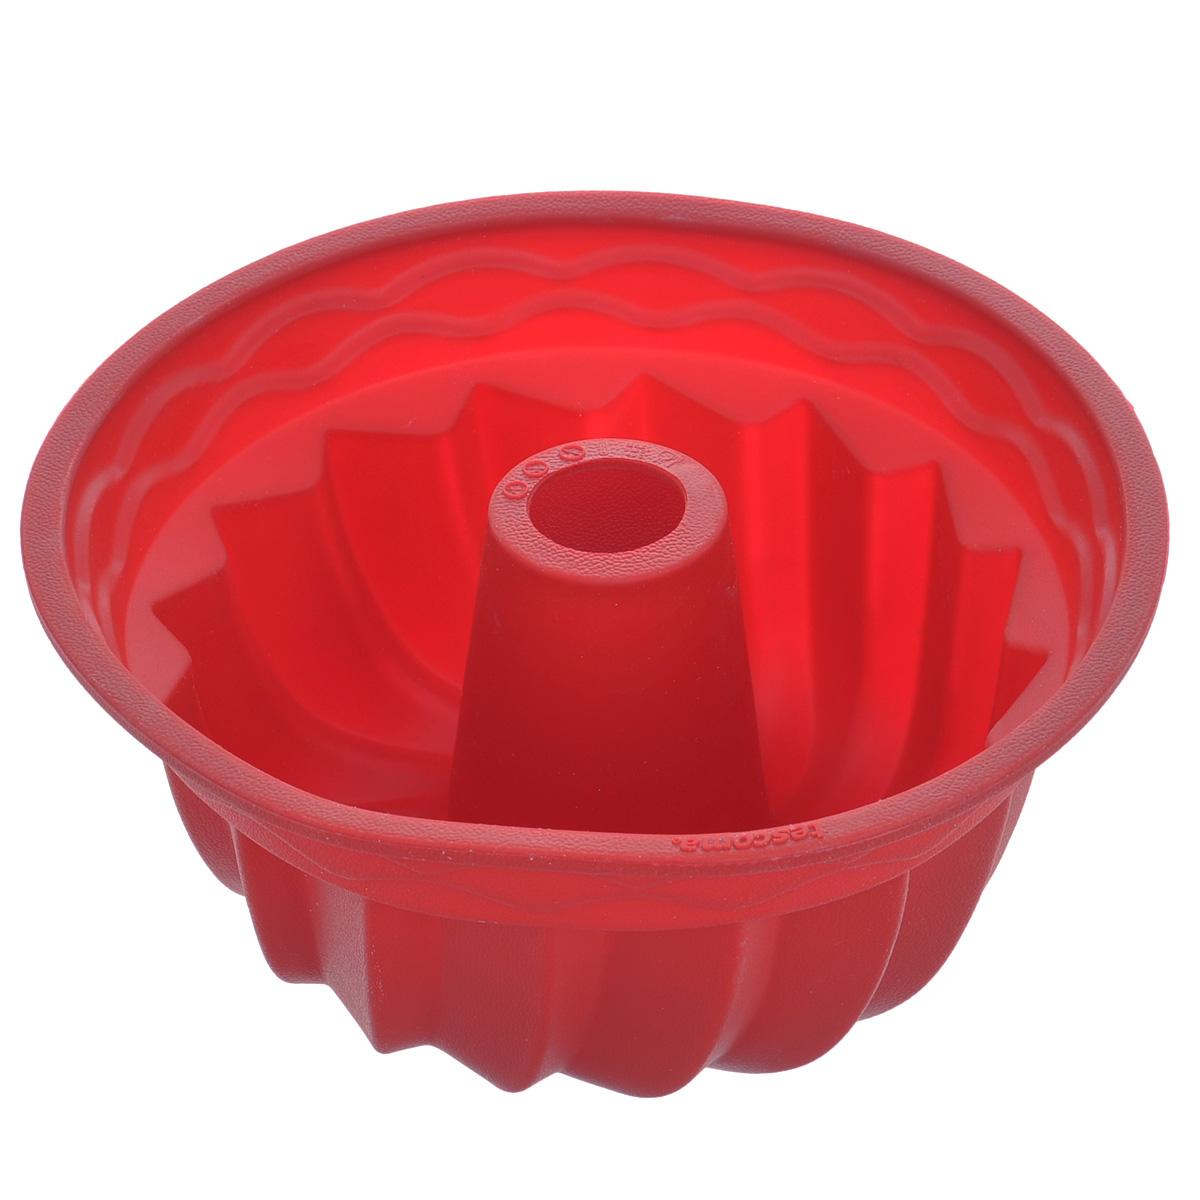 Форма для выпечки кекса Tescoma Delicia Silicone, круглая, цвет: красный, диаметр 24 см54 009312Круглая форма Tescoma Delicia Silicone будет отличным выбором для всех любителей выпечки. Благодаря тому, что форма изготовлена из силикона, готовую выпечку вынимать легко и просто. Стенки формы оснащены рельефной поверхностью. Форма прекрасно подходит для выпечки кексов. С такой формой вы всегда сможете порадовать своих близких оригинальной выпечкой. Материал изделия устойчив к фруктовым кислотам, может быть использован в духовках, микроволновых печах, холодильниках и морозильных камерах (выдерживает температуру от -40°C до 230°C). Антипригарные свойства материала позволяют готовить без использования масла.Можно мыть и сушить в посудомоечной машине. При работе с формой используйте кухонный инструмент из силикона - кисти, лопатки, скребки. Не ставьте форму на электрическую конфорку. Не разрезайте выпечку прямо в форме.